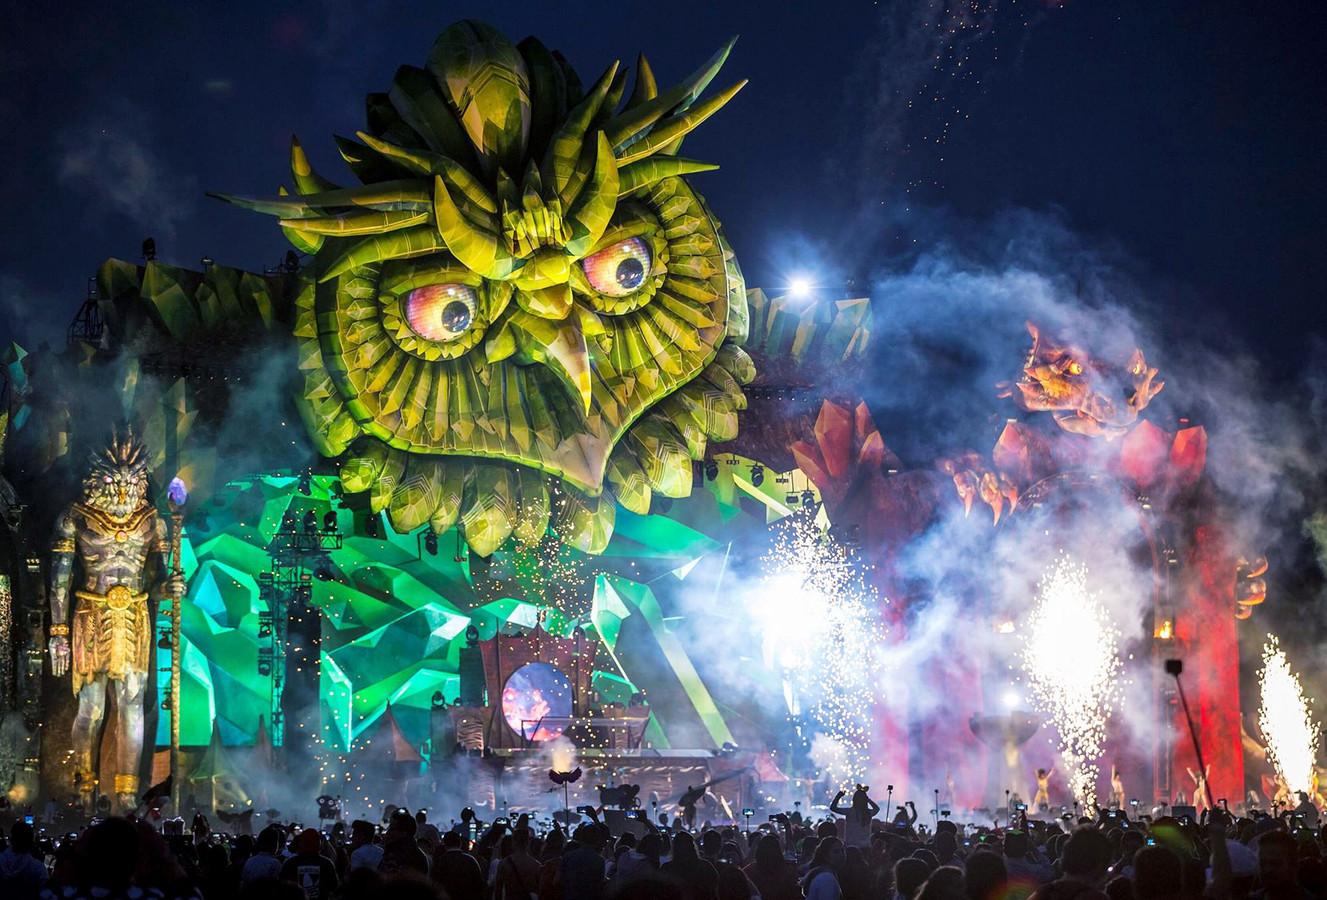 Het Electric Daisy Carnival is een gigantisch dancefestival waarvoor Airworks veel decorstukken maakt. De organisator is dol op uilen, volgens Airworks-directeur Matthew Whitehead omdat ze associaties oproepen met het nachtleven.